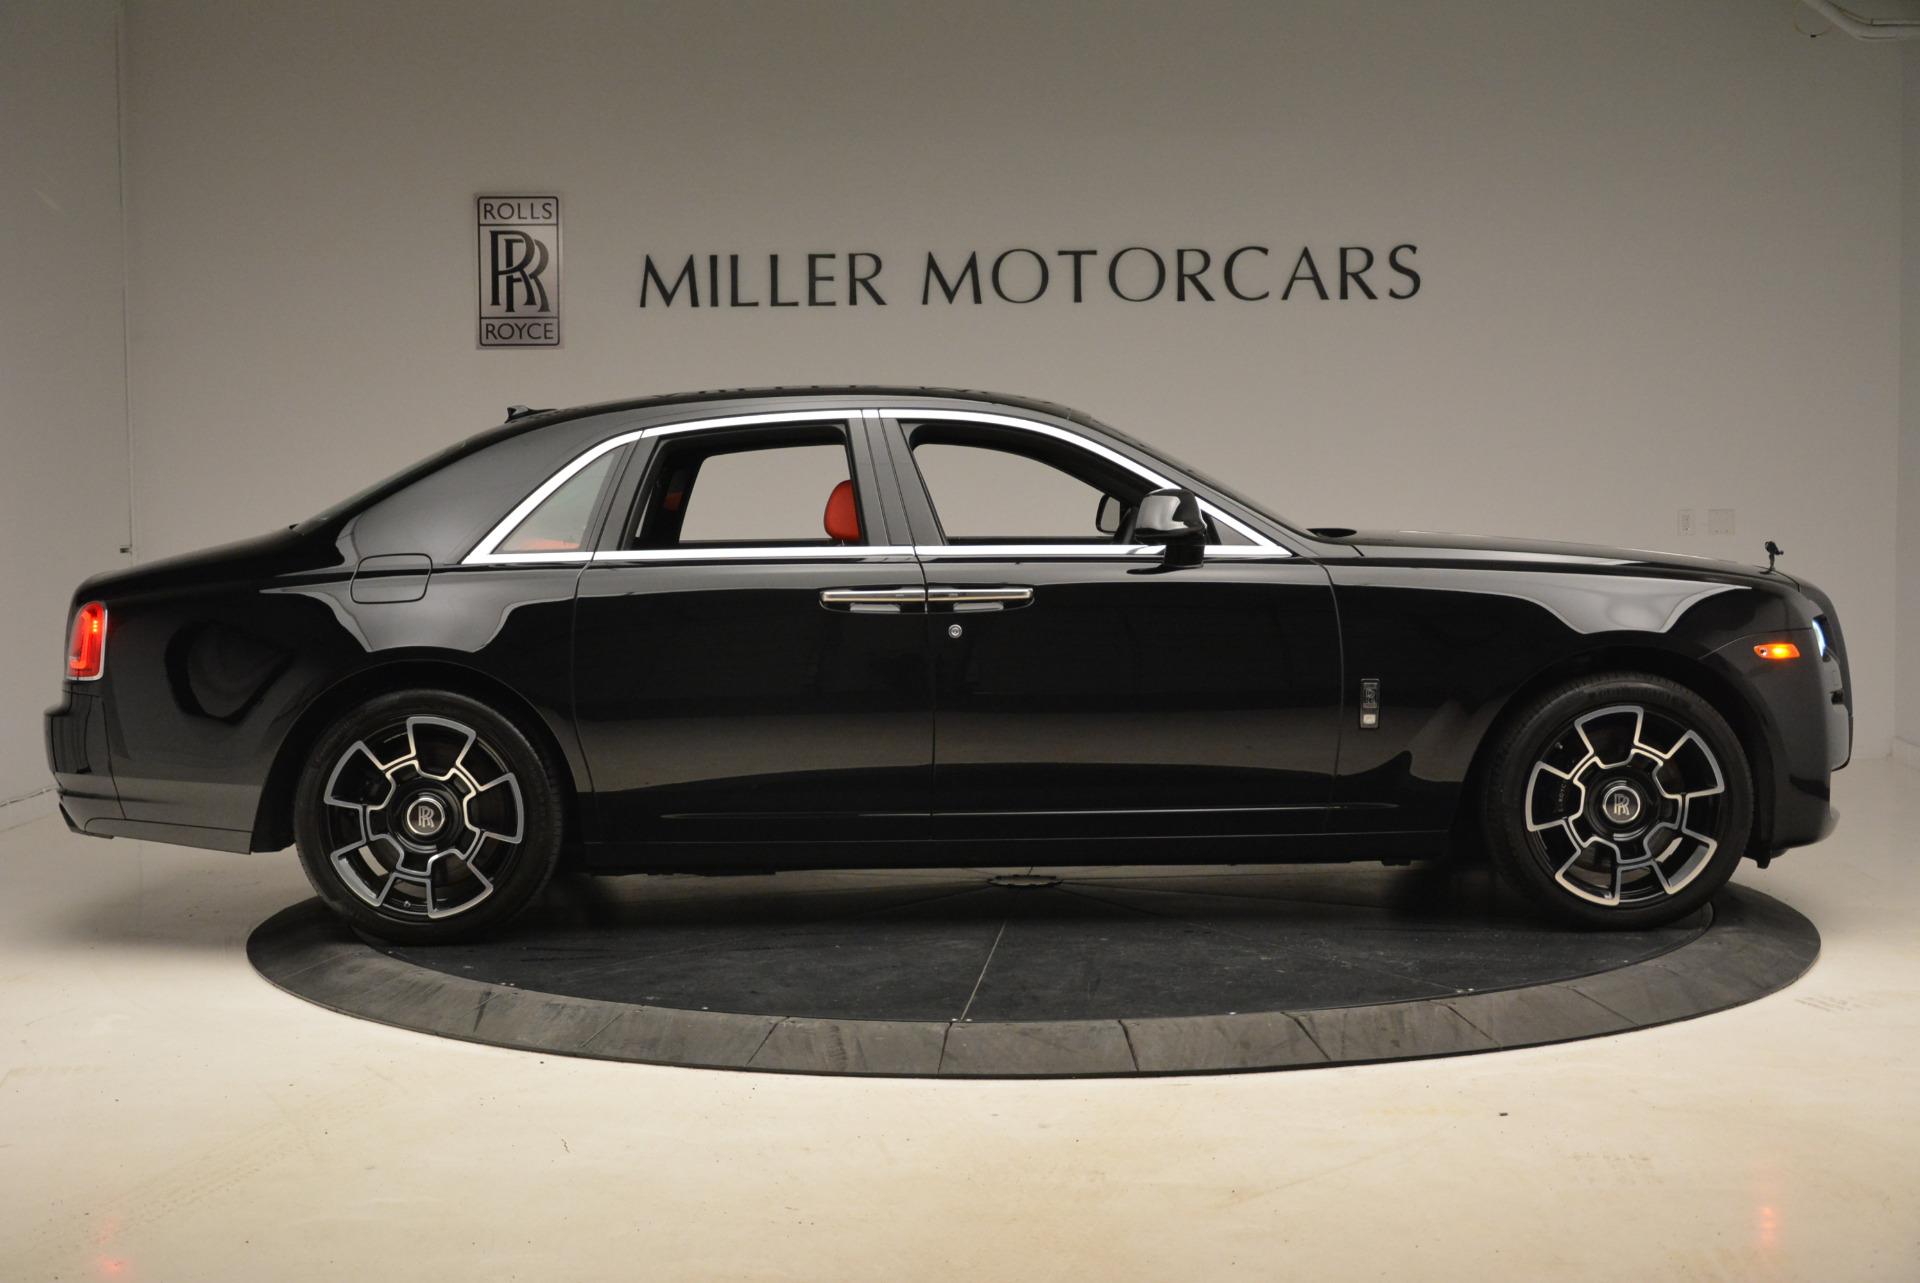 Used 2017 Rolls-Royce Ghost Black Badge For Sale In Westport, CT 2154_p9